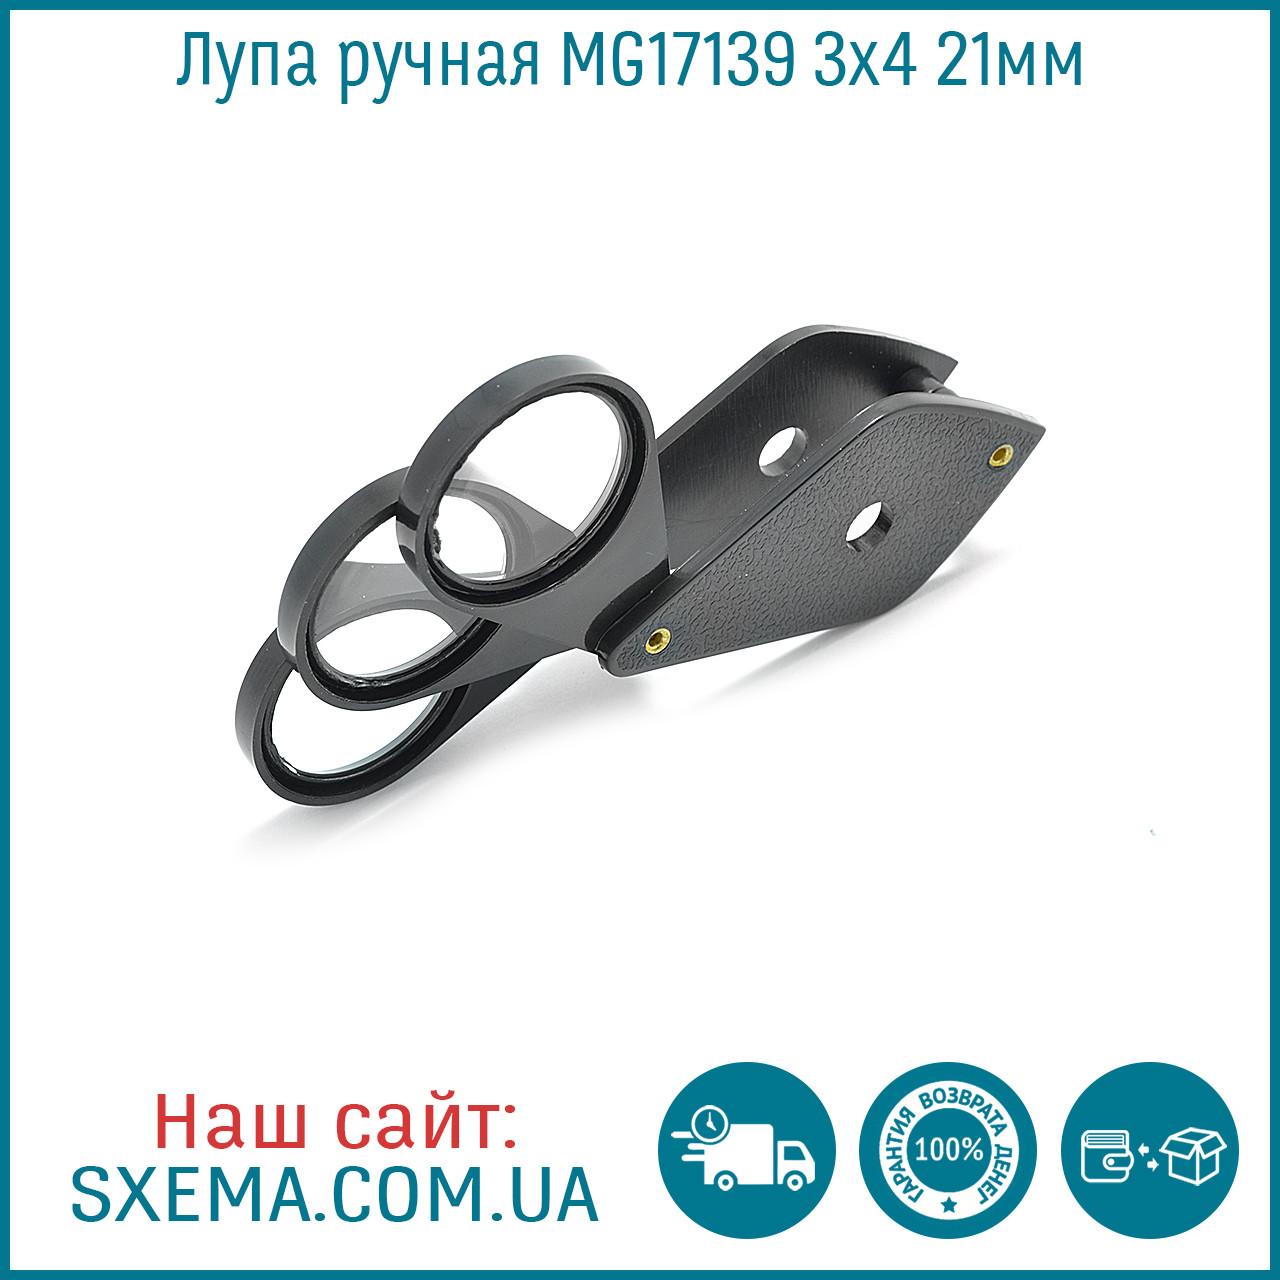 Лупа ручная MG17139 3x4 21мм